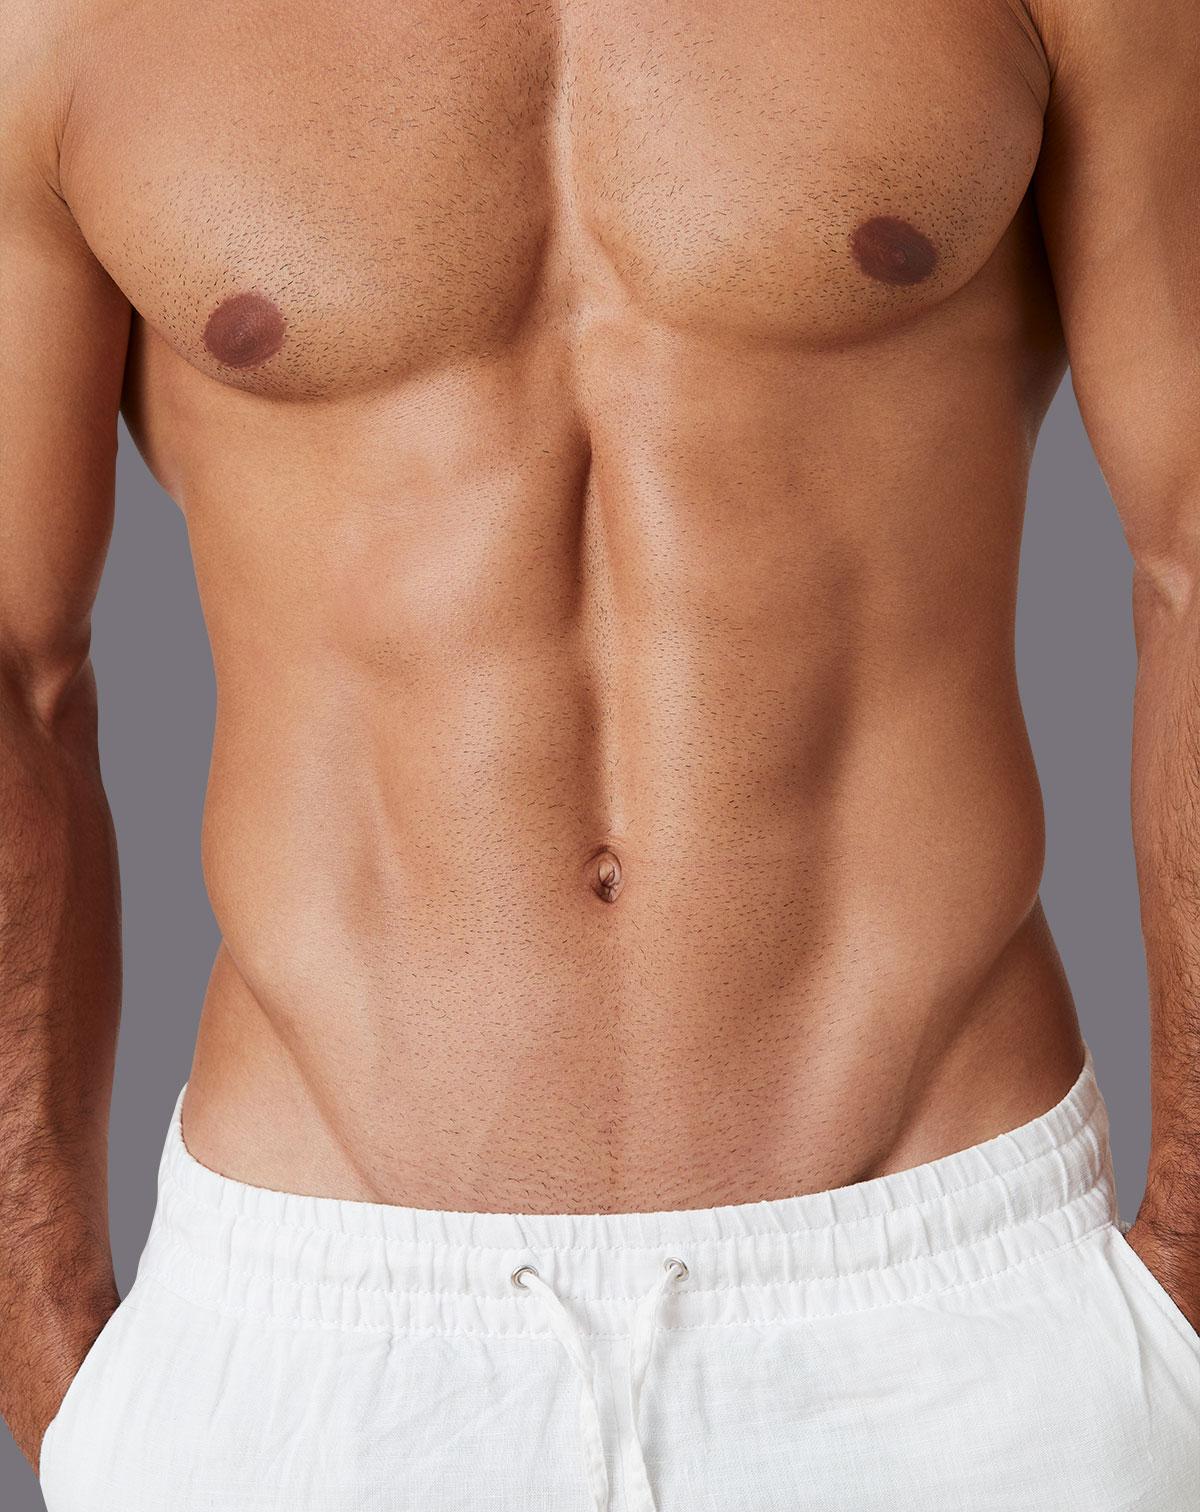 Muskulöser Männeroberkörper